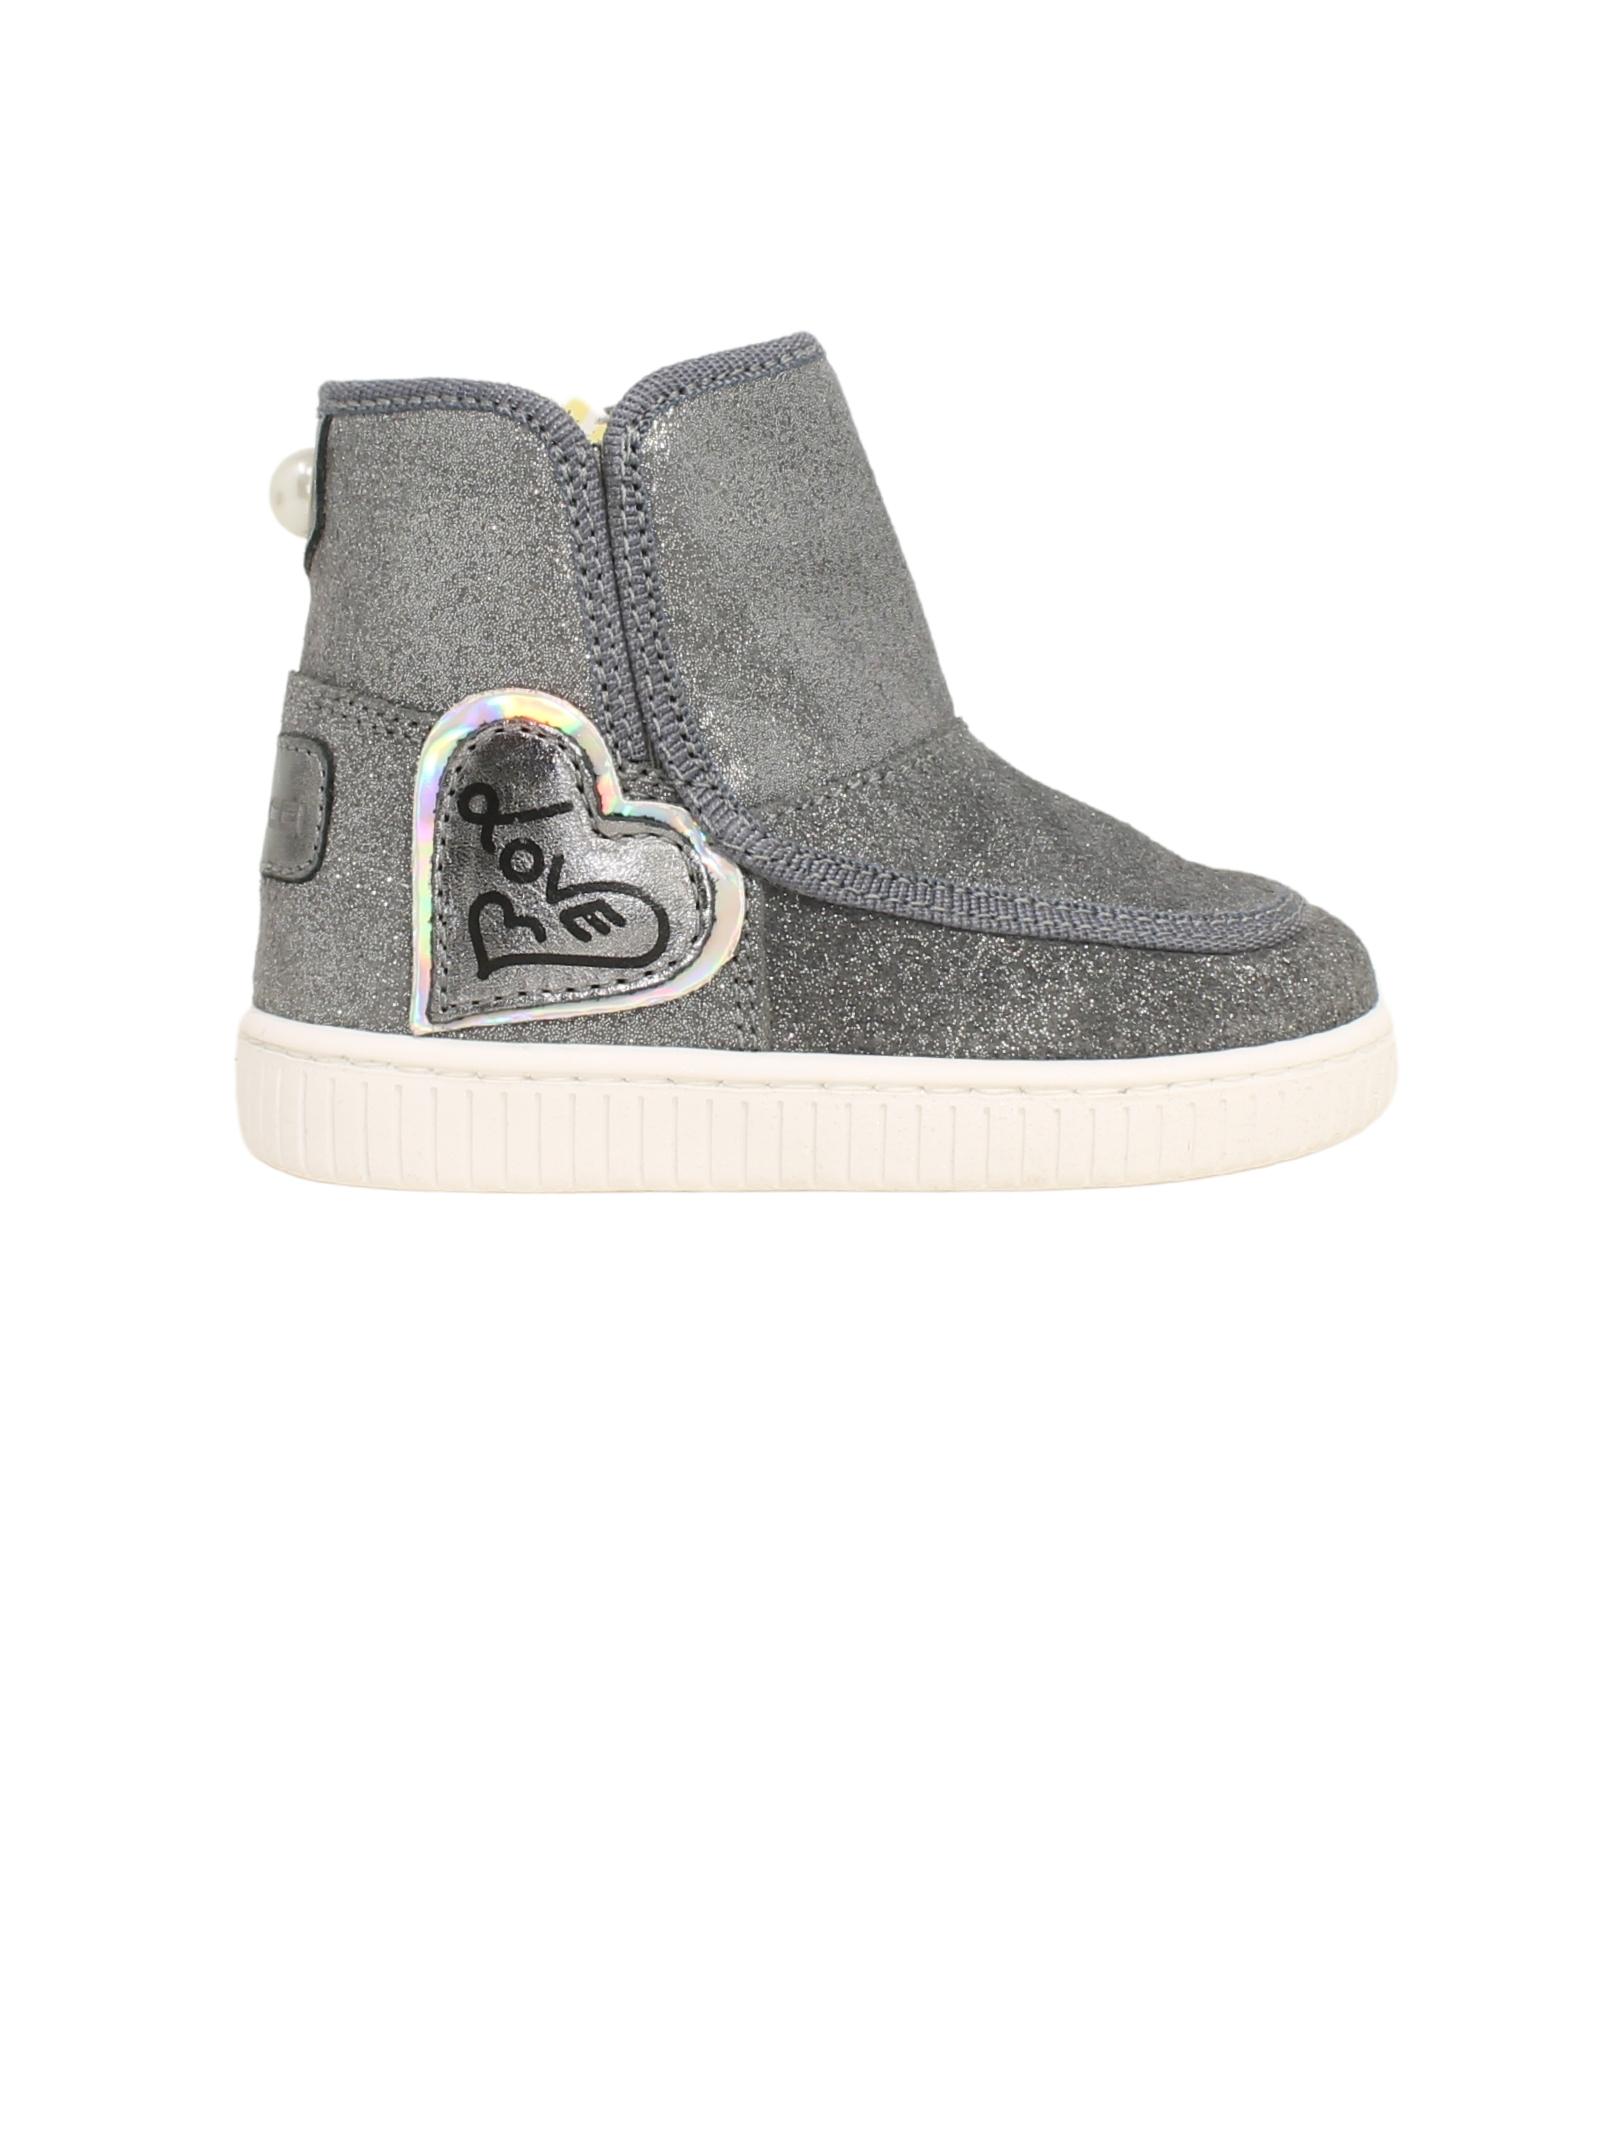 Love Girls Boots BALDUCCI |  | MSPO3811GRIGIO